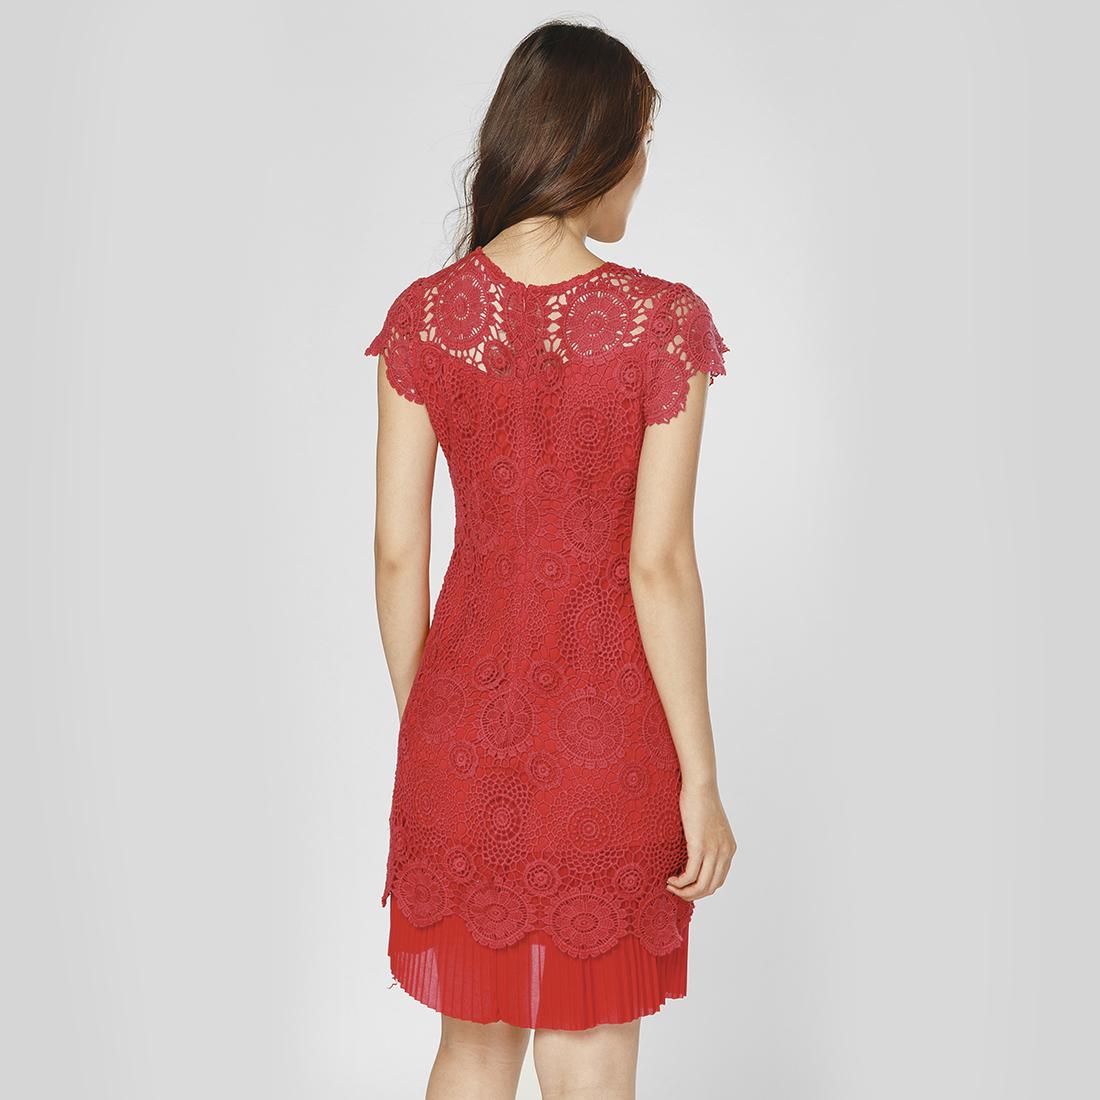 Đầm suông thời trang Eden ren hoa dập ly cao cấp (Đỏ) - D232